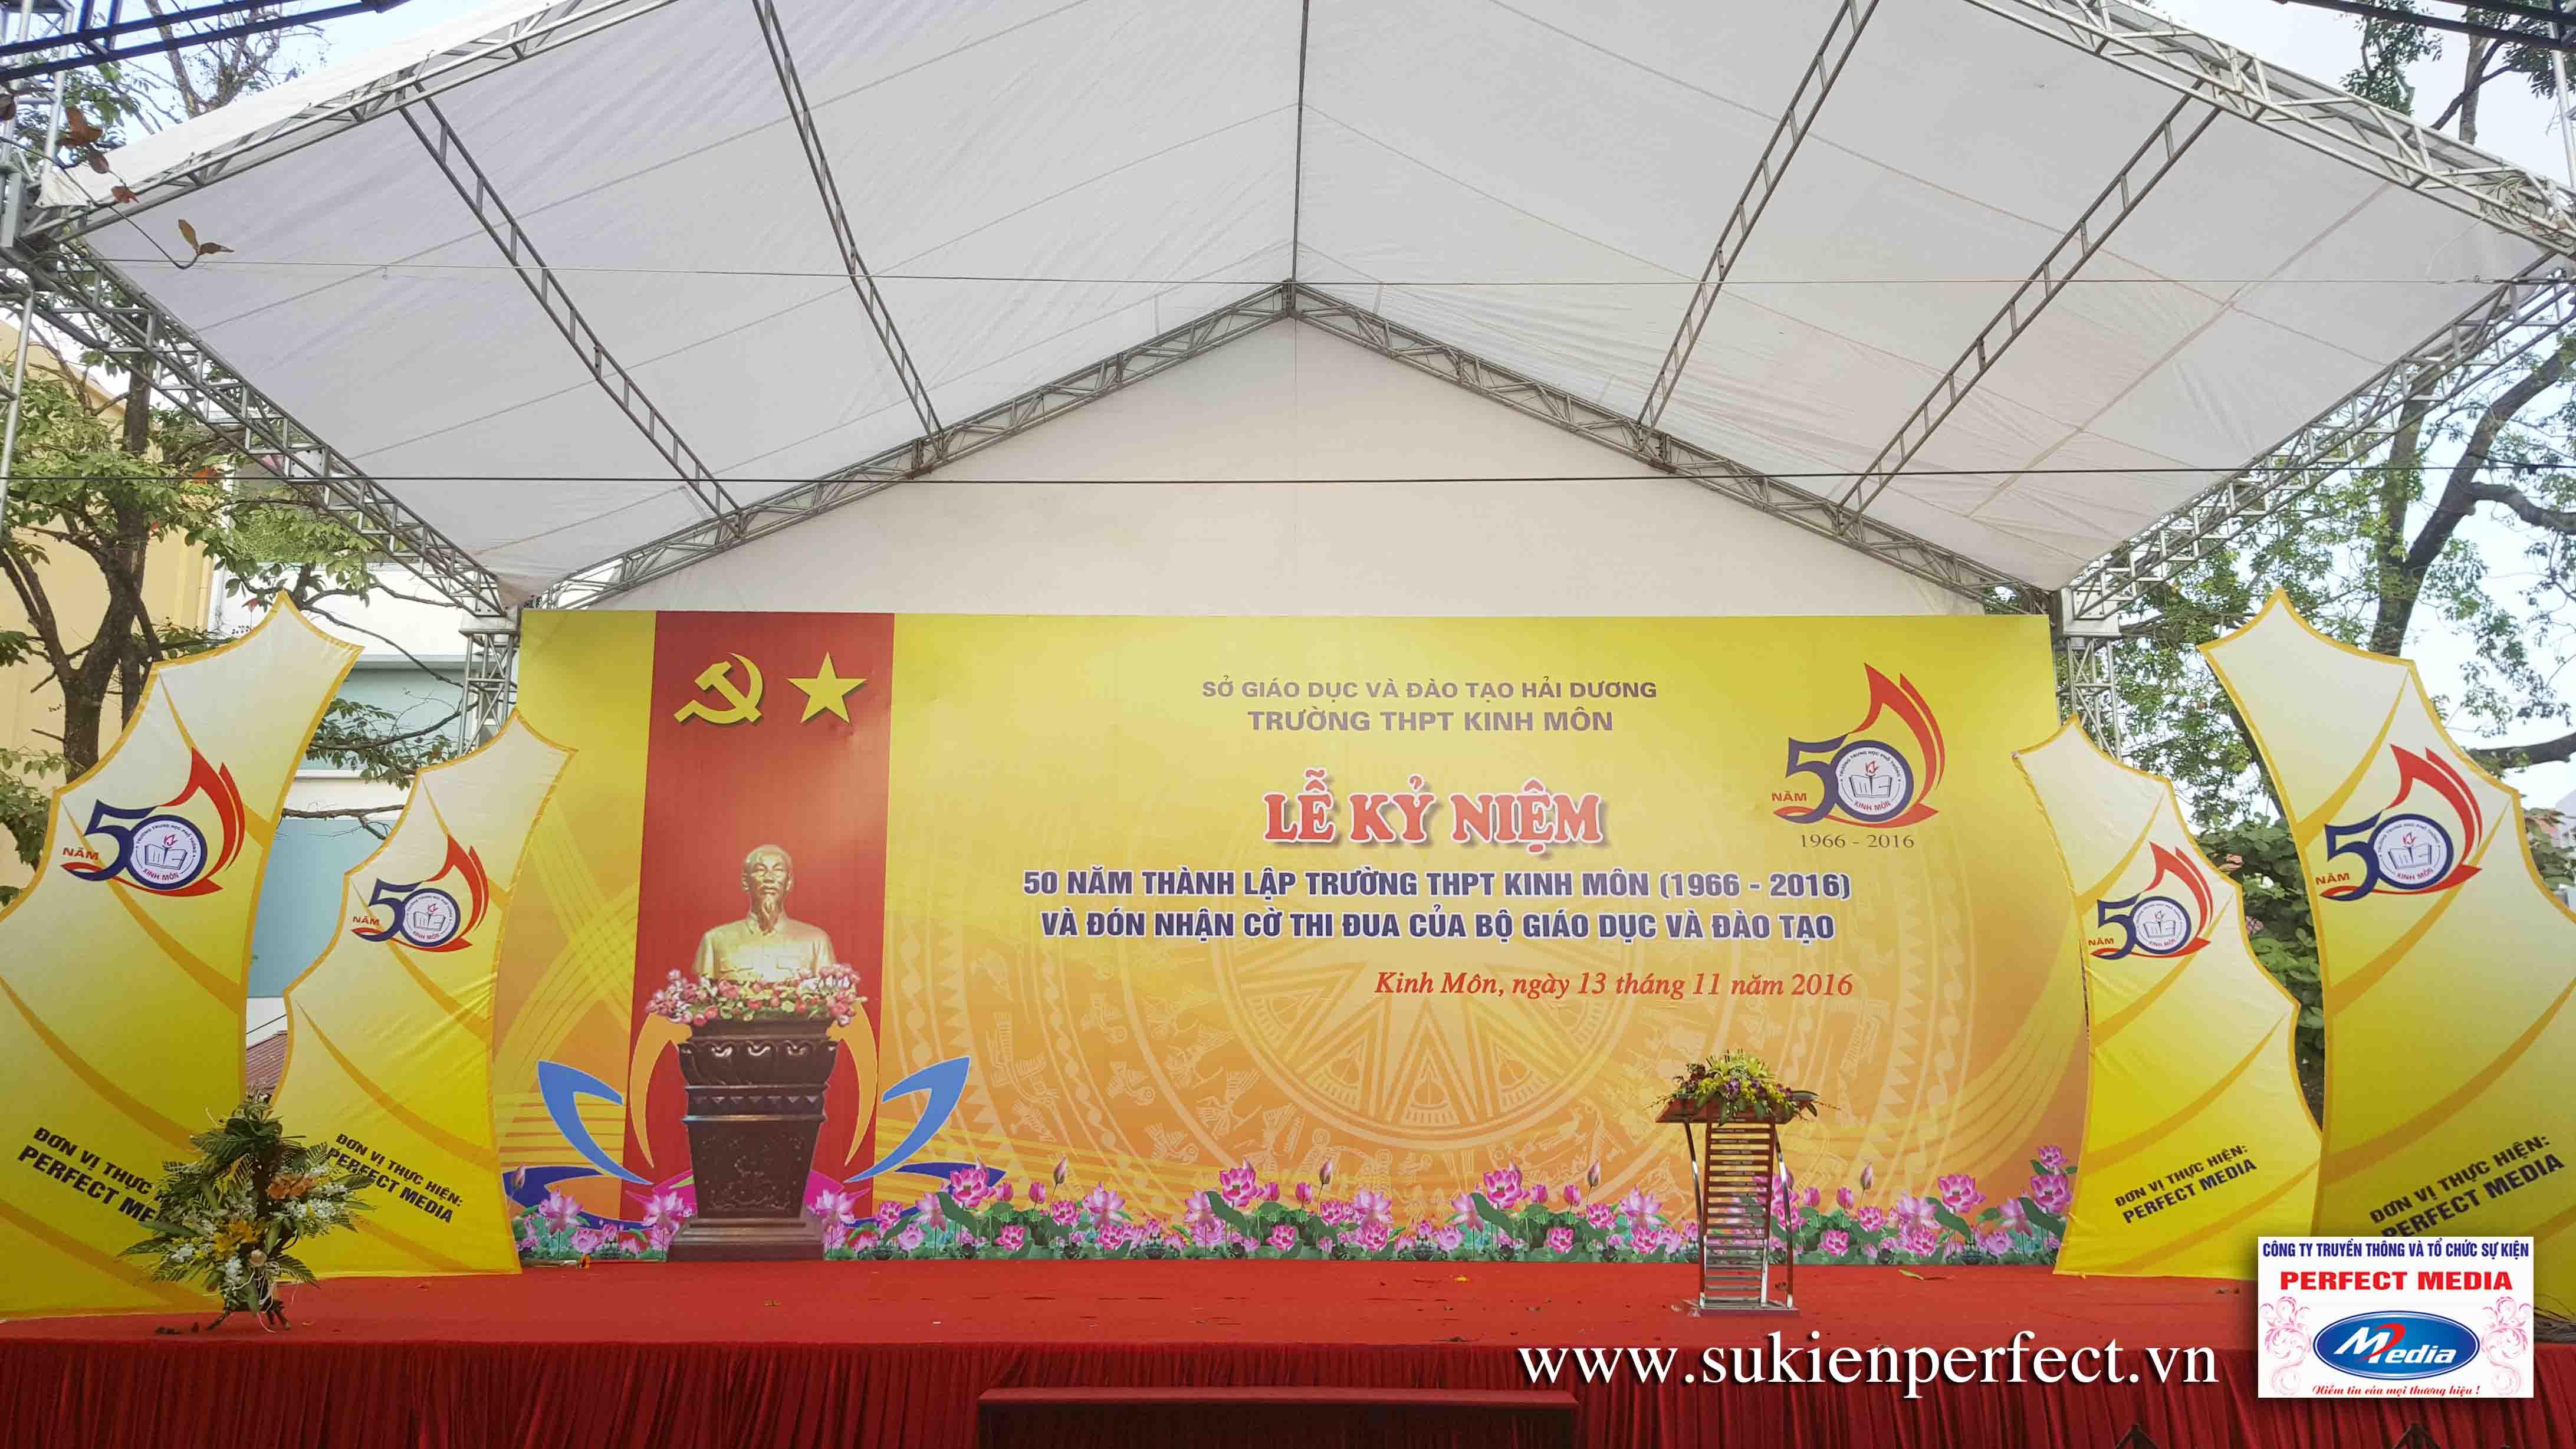 Backdrop và khu vực sân khấu Lễ kỷ niệm 50 năm thành lập trường THPT Kinh Môn